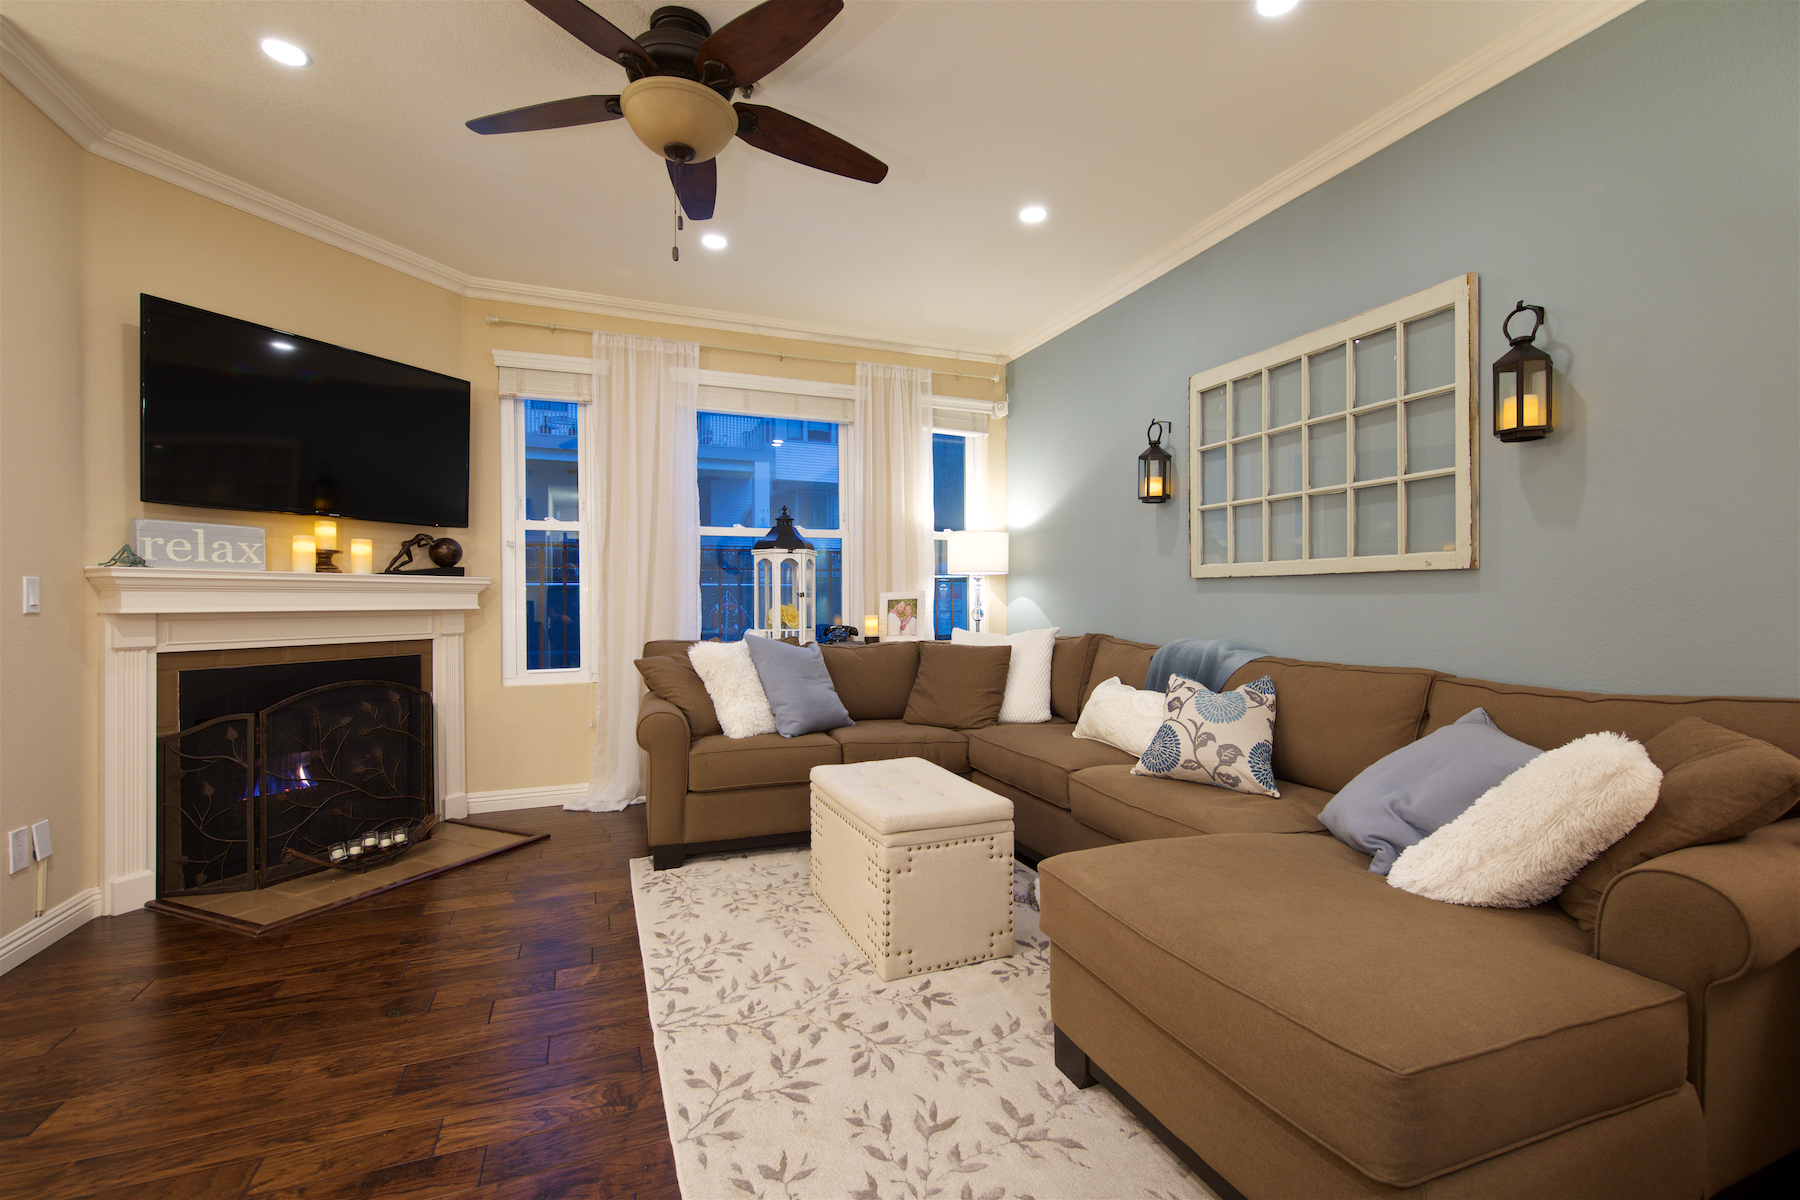 共管式独立产权公寓 为 销售 在 2445 Brant Street 204 圣地亚哥, 加利福尼亚州, 92101 美国